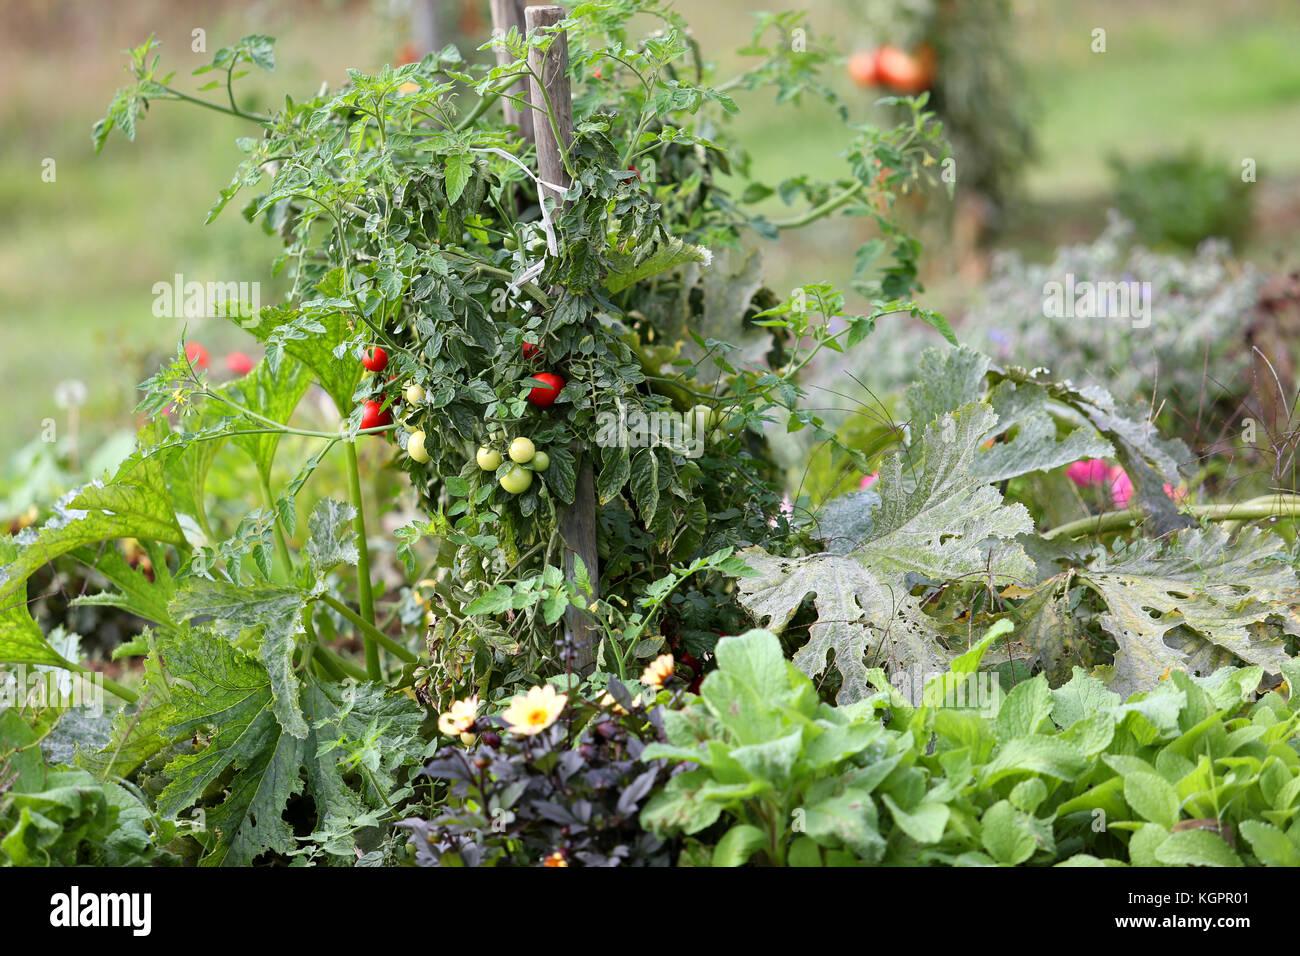 Primo piano di pomodori in giardino cucina Immagini Stock